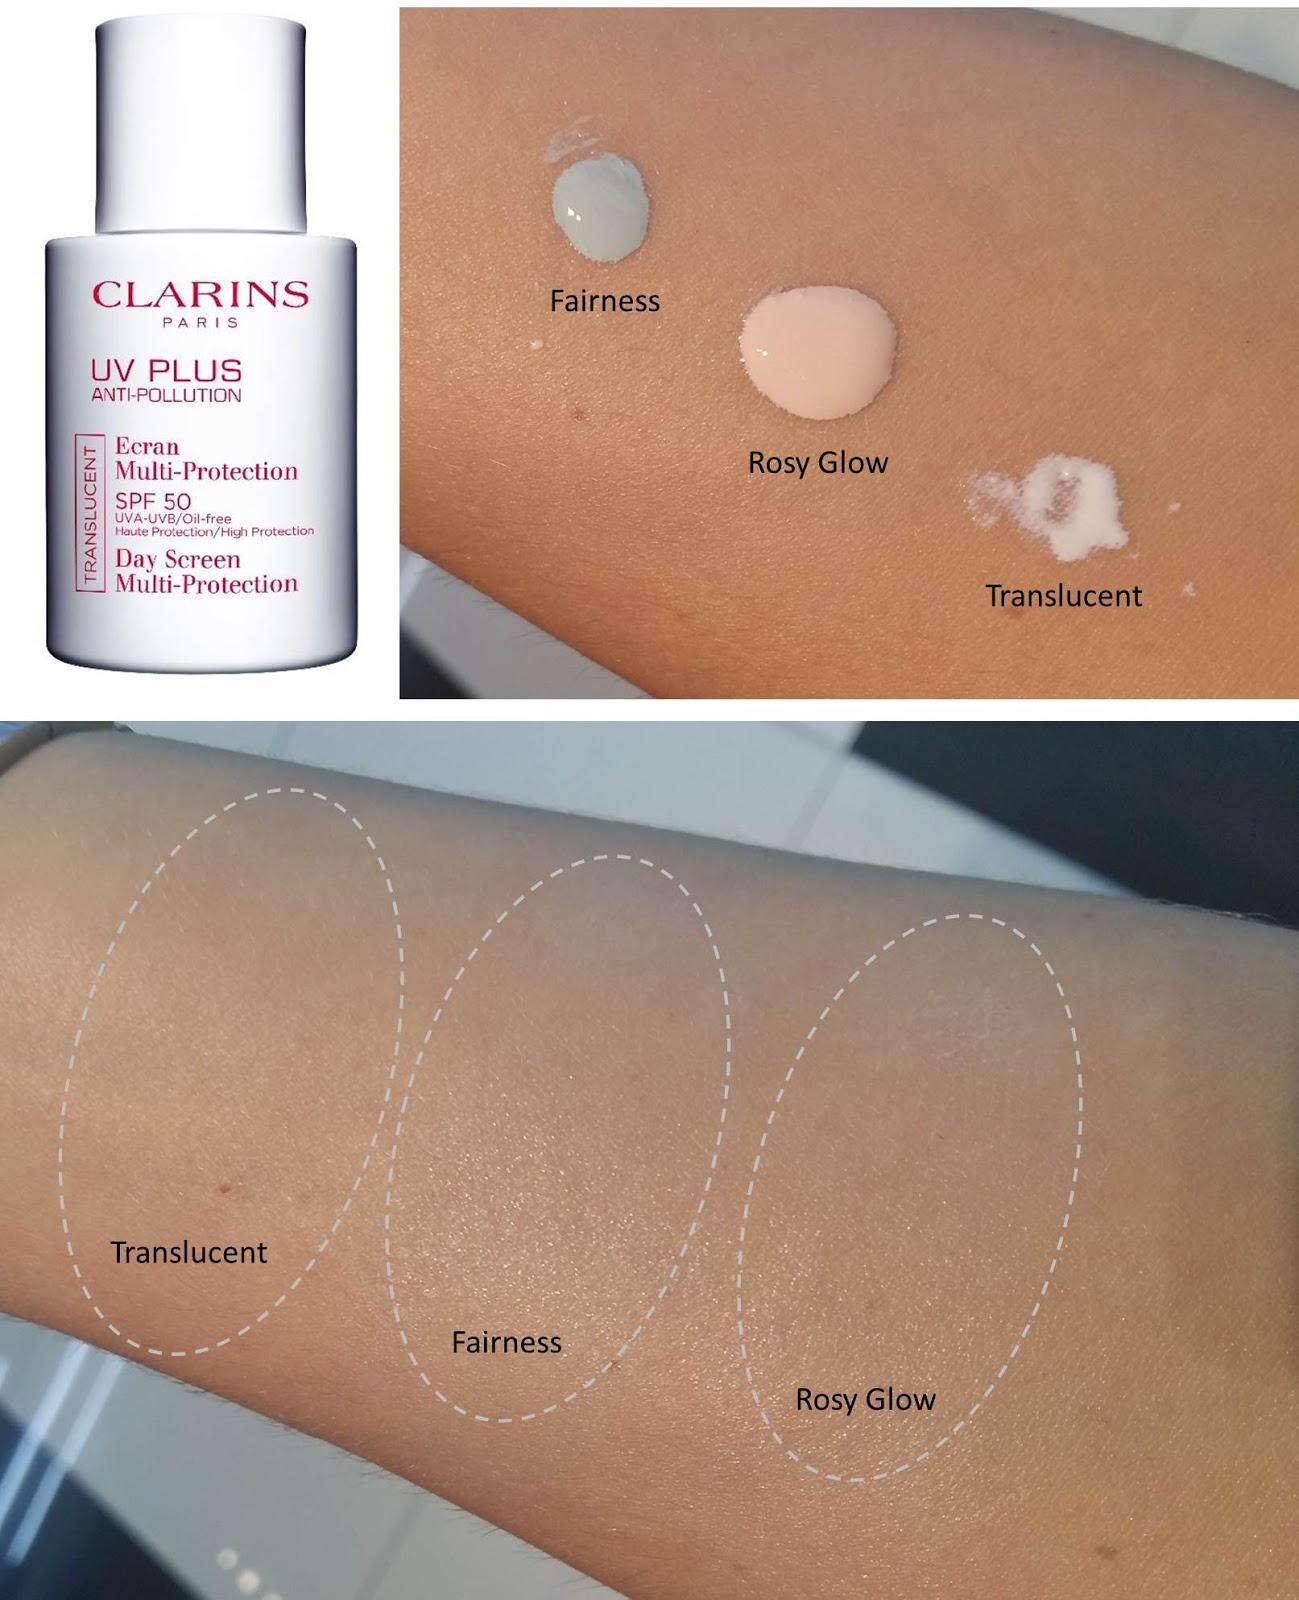 clarins fairness cream